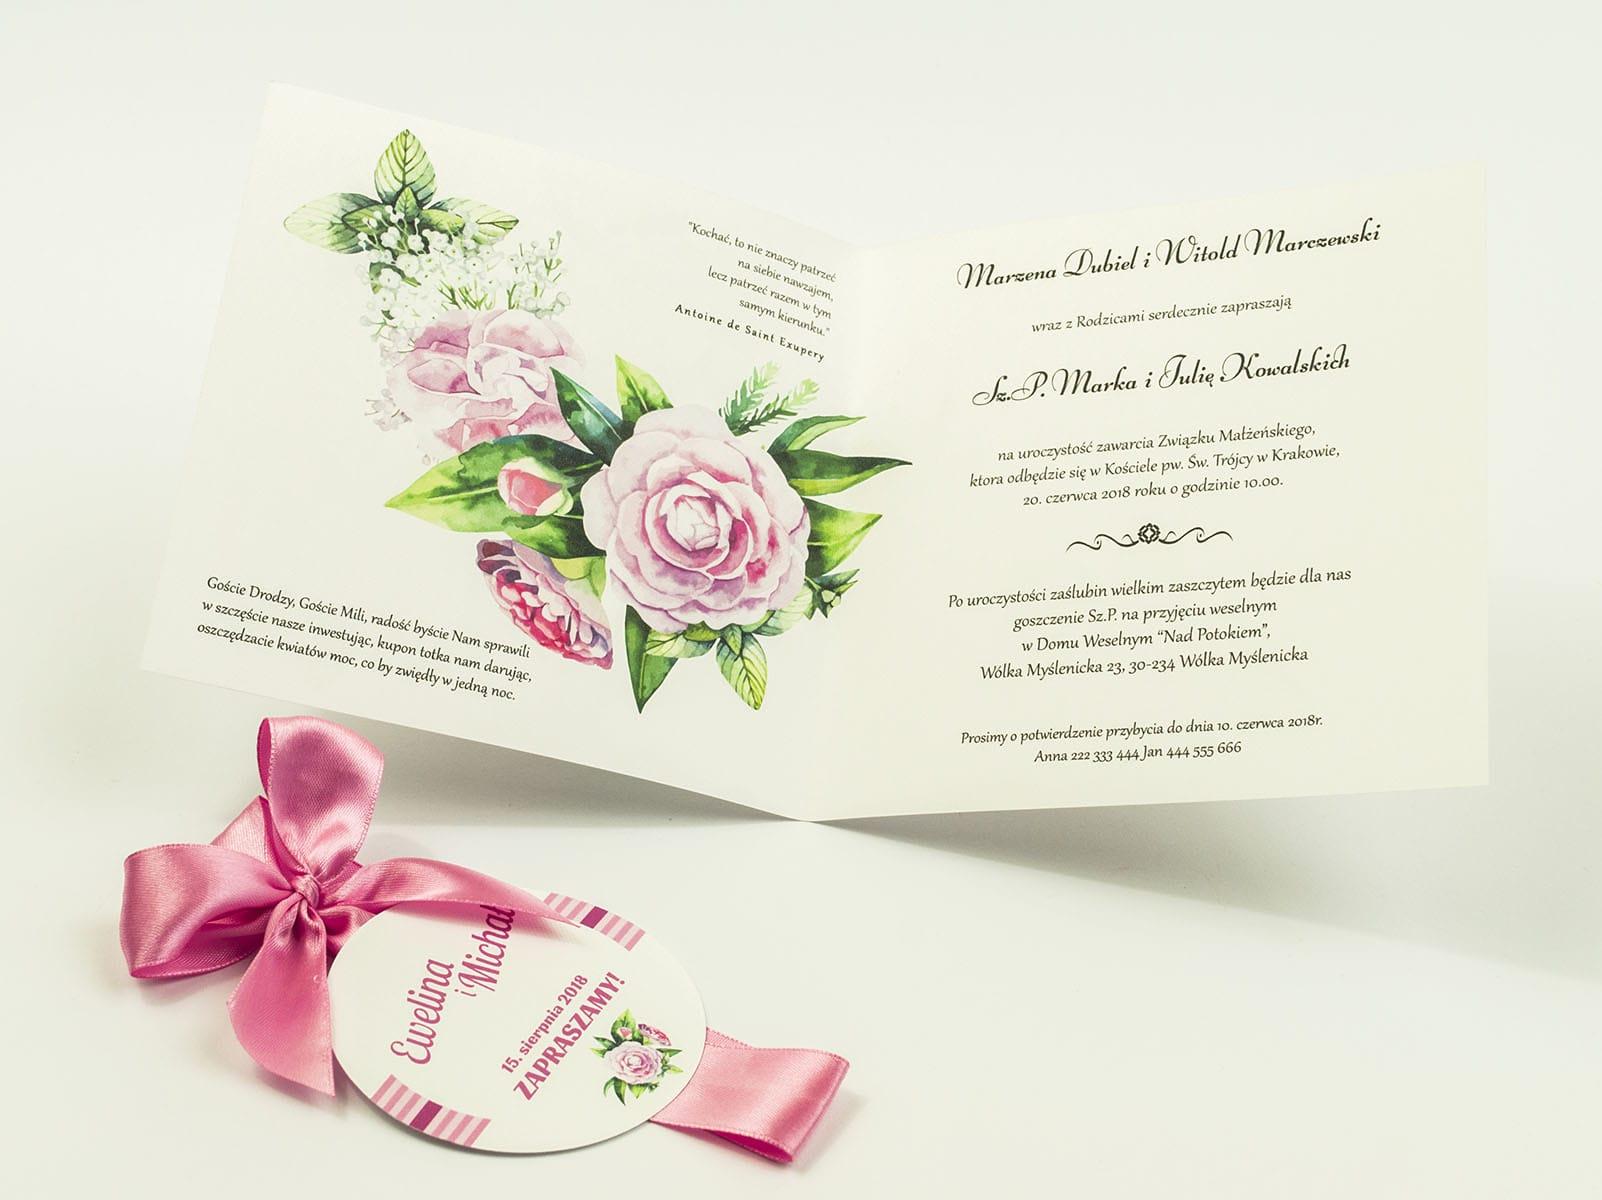 Zaproszenia kwiatowe - wianek z zielonymi liśćmi i kwiatami piwonii. ZAP-54-03